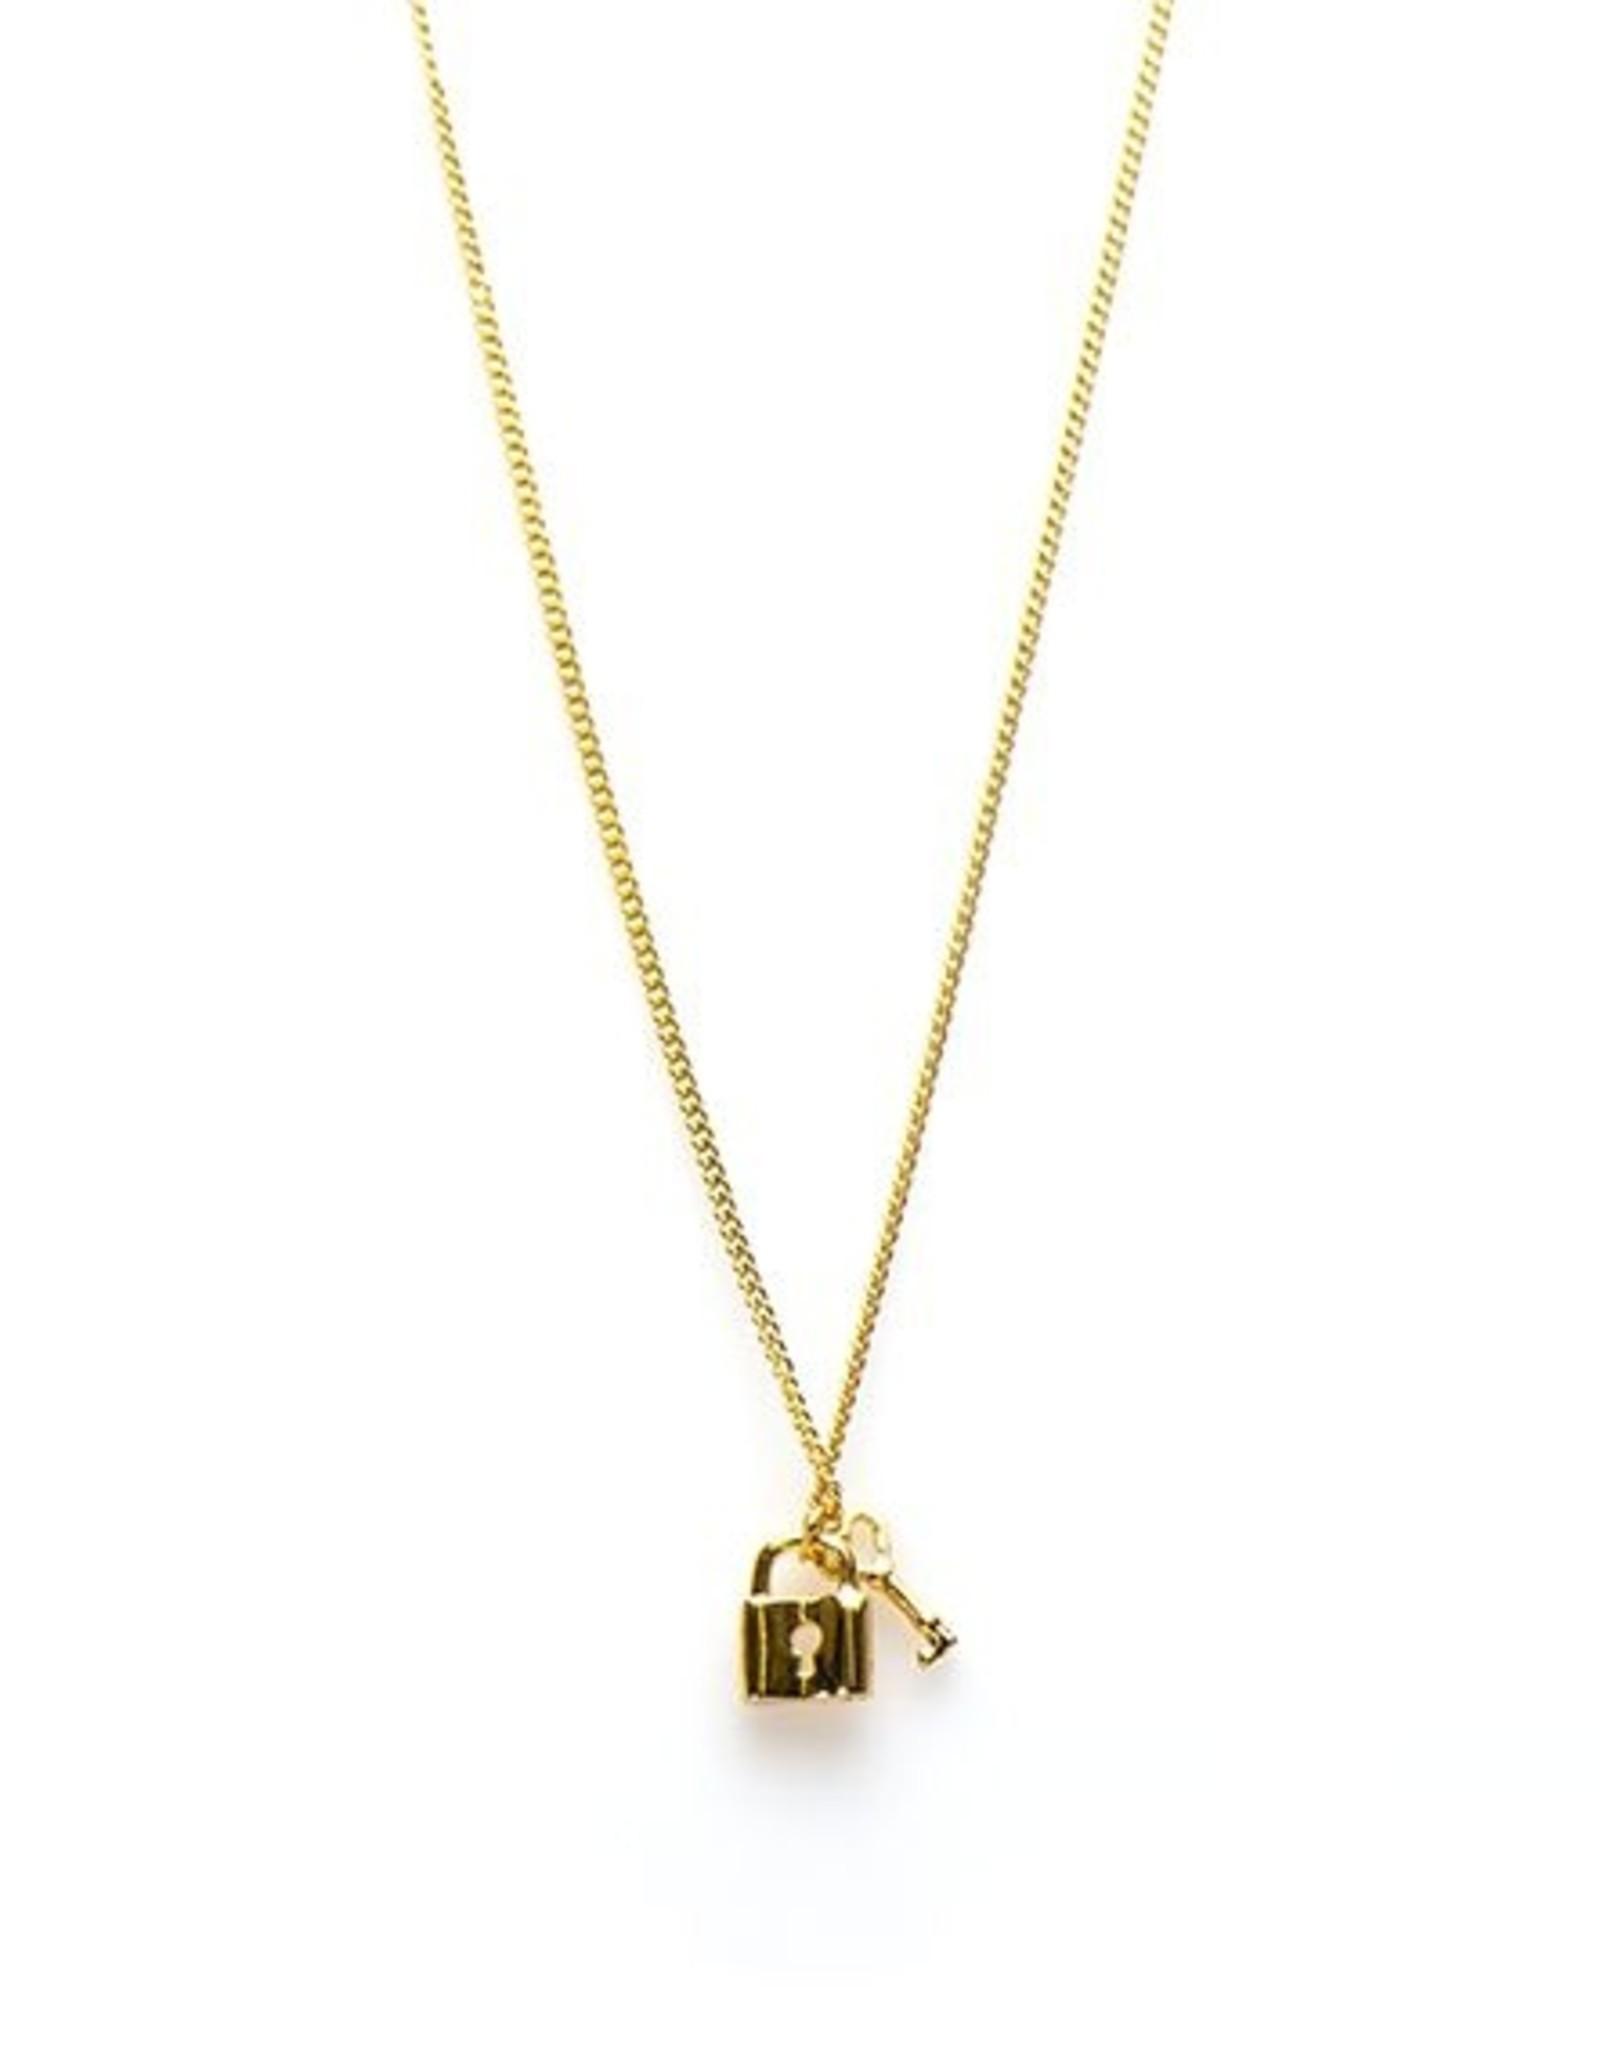 Karma Necklace Key Lock Gold